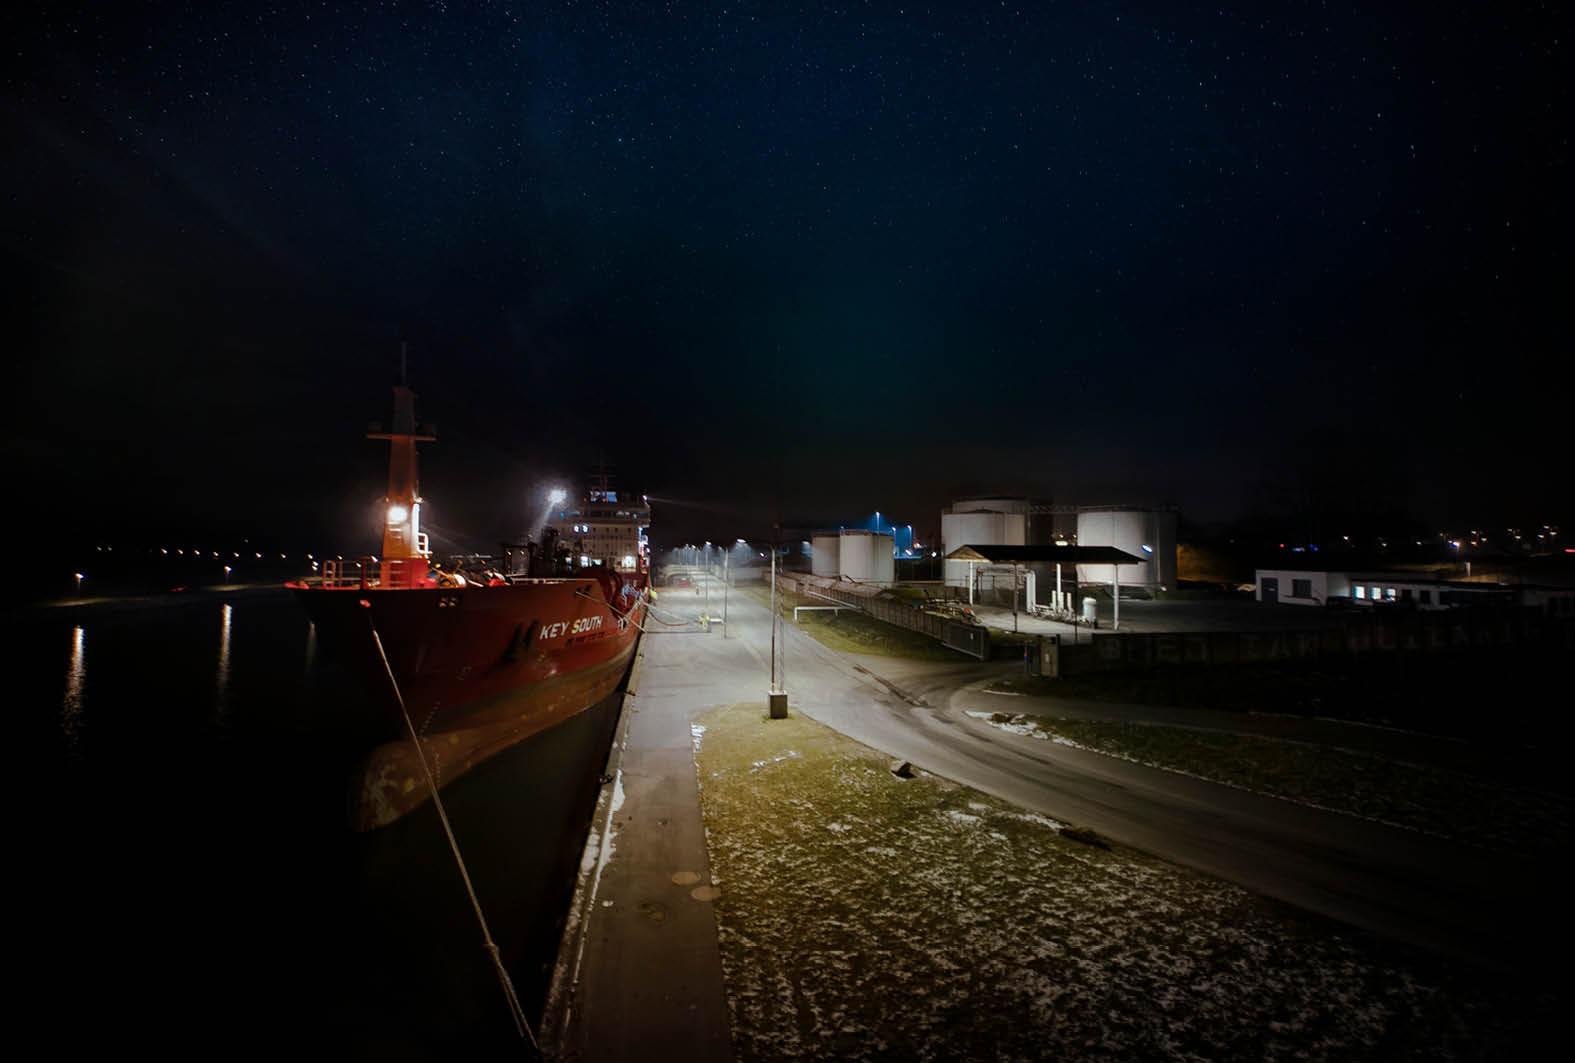 emmelev-photo-night3